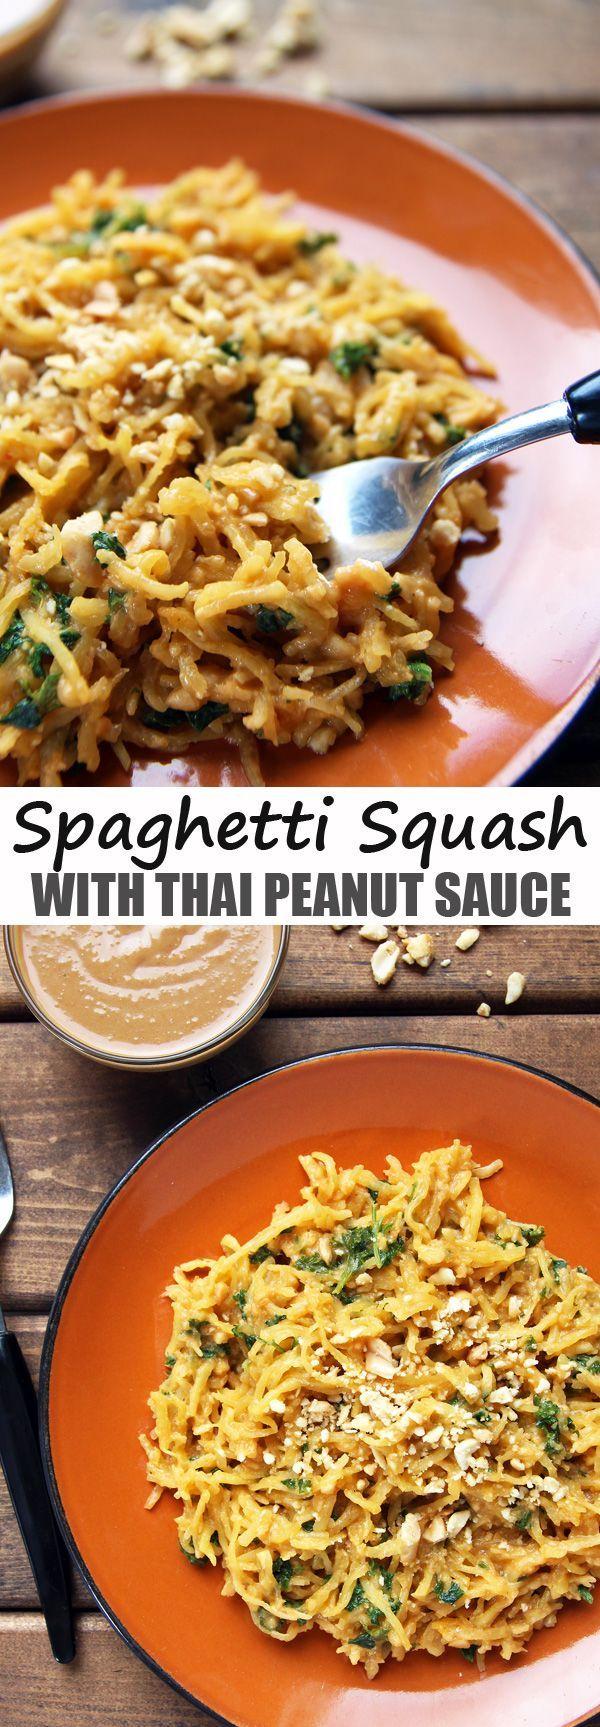 Easy Vegan Thai Peanut Sauce Spaghetti Squash Recipe